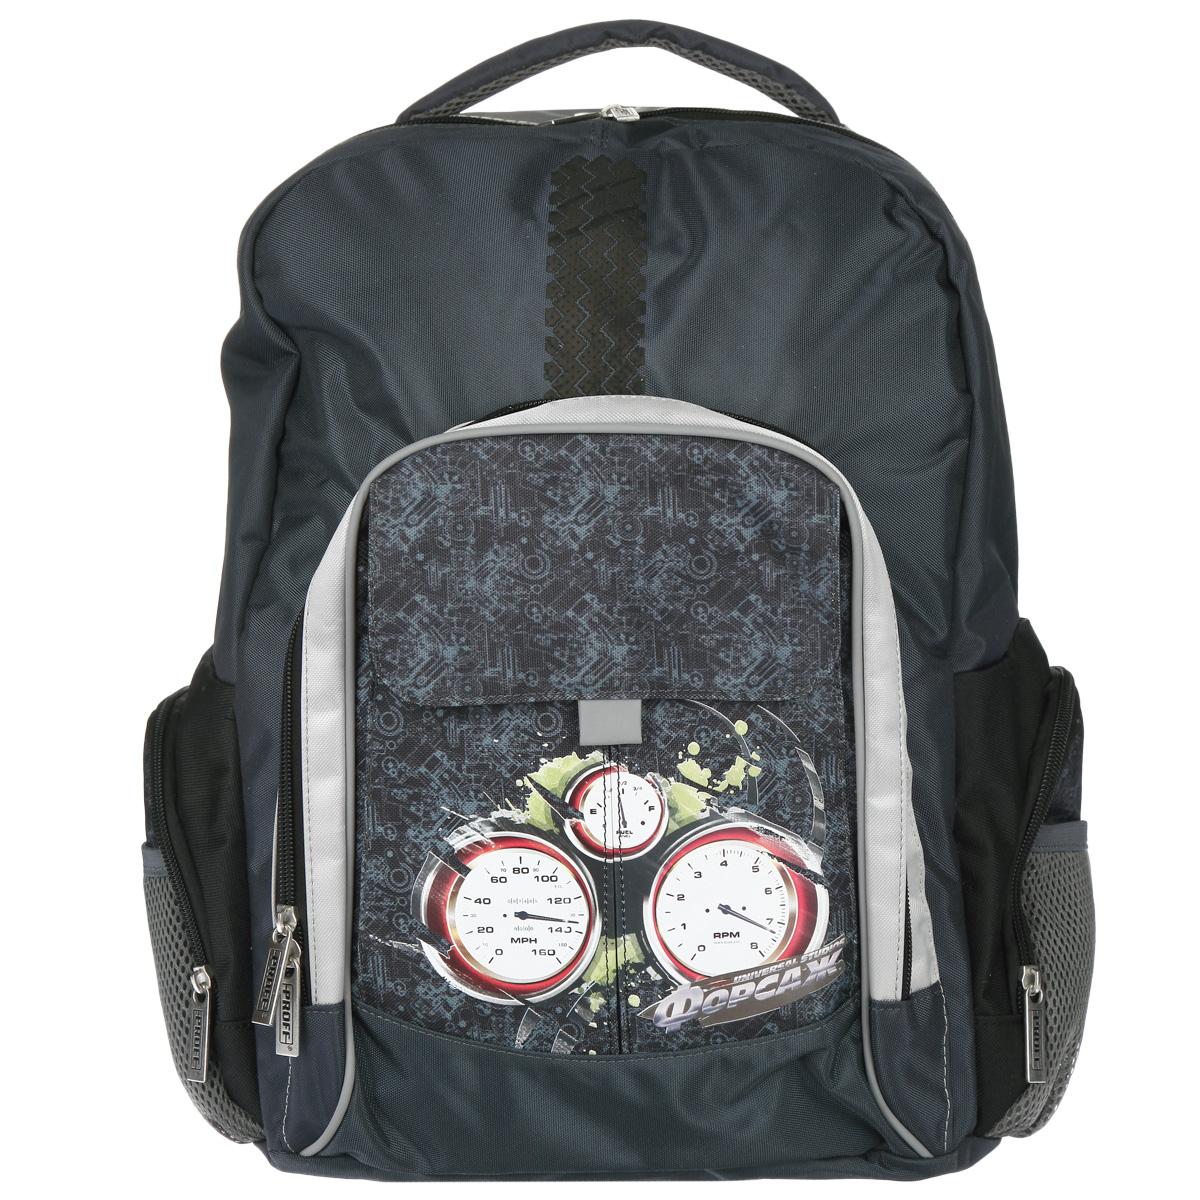 Рюкзак Proff Форсаж, цвет: серыйFF15-BP-20Рюкзак подростковый Proff Форсаж , выполненный из полиэстера и текстиля, станет надежным спутником в получении знаний. Рюкзак содержит одно вместительное отделение , закрывающееся на застежку-молнию и шесть наружных карманов. Внутри основного отделения имеется сквозной карман с липучкой-фиксатором, предназначенный для переноски ноутбука, несколько открытых карманов разного размера и карабин для кличей. На лицевой стороне рюкзака расположен нашивной карман на застежке-молнии. дополненный снаружи нашивным карманом на липучке. По бокам ранца расположены нашивные карманы на застежке-молнии, которые дополнены открытыми карманами-сетками снаружи. Специальная конструкция спинки снижает давление и оптимально распределяет нагрузку на позвоночник ребенка, способствуя формированию правильной осанки. Широкие мягкие лямки регулируются по длине и равномерно распределяют нагрузку на плечевой пояс. Для удобства и комфорта спинка и лямки изделия дополнены противоскользящей сеточкой с...